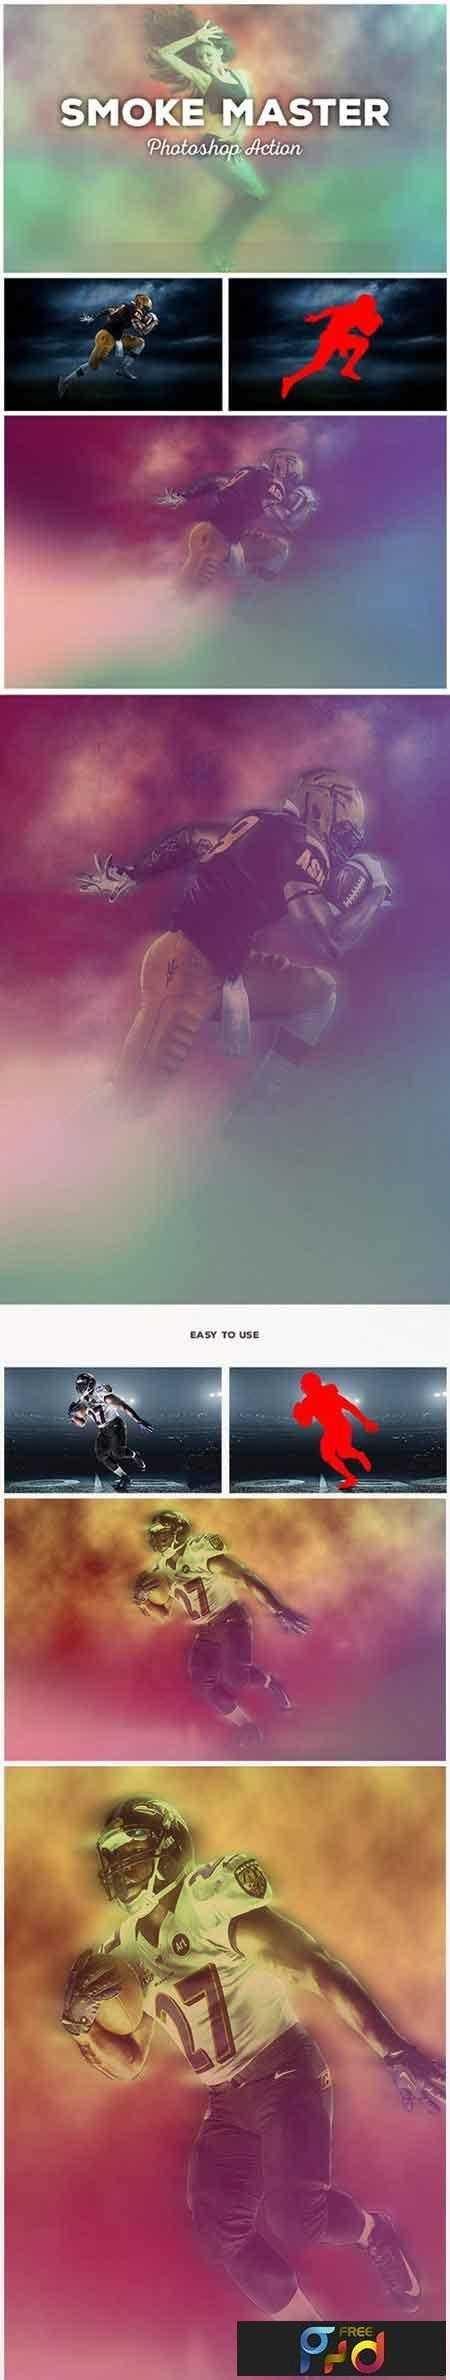 1809210 Smoke Master - Photoshop Action #16 17977822 1